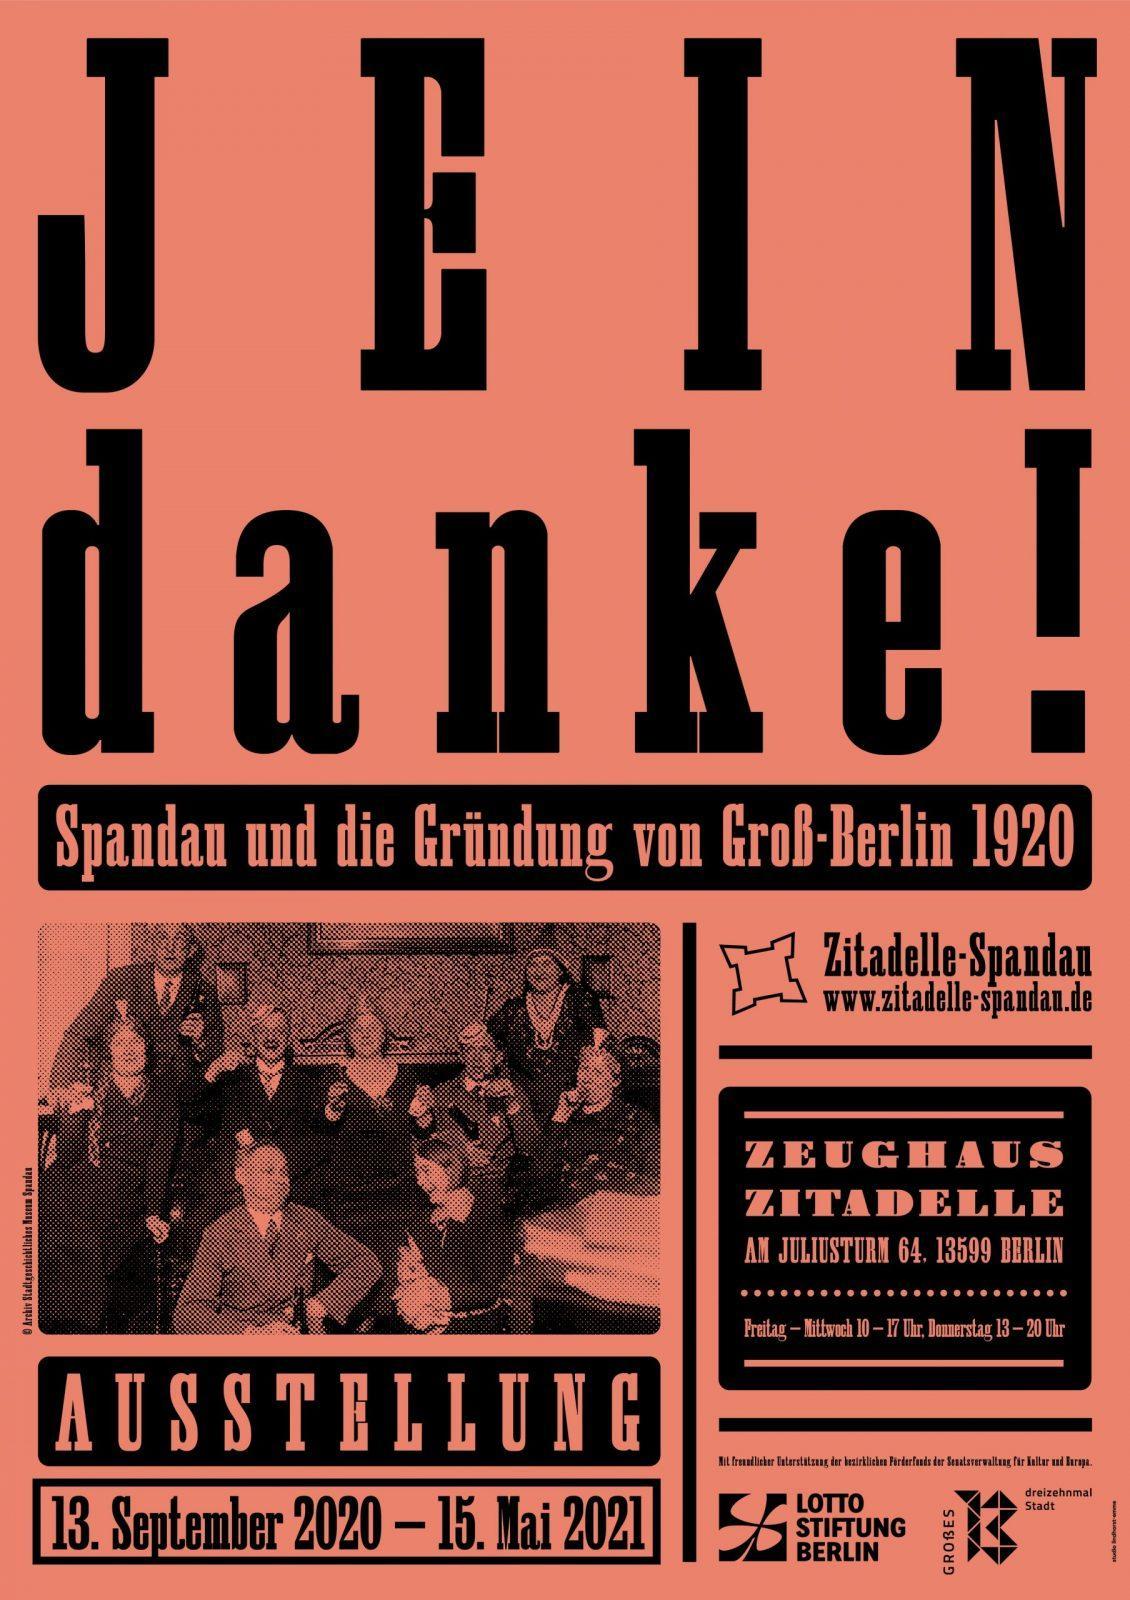 Jein Danke! Spandau und die Gründung von Groß-Berlin 1920